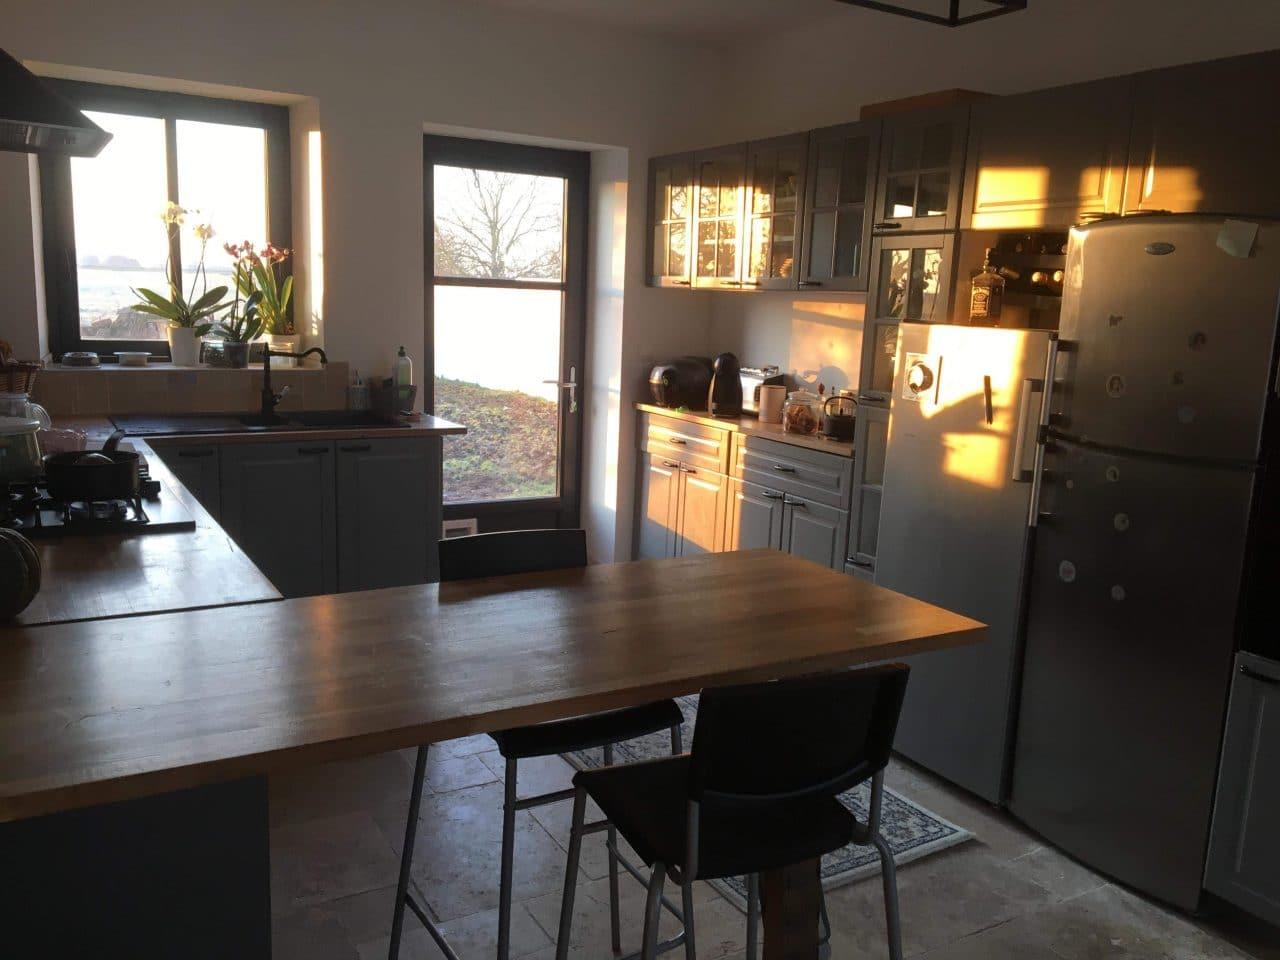 rénovation grange cuisine aménagée plan de travail bois Olivet